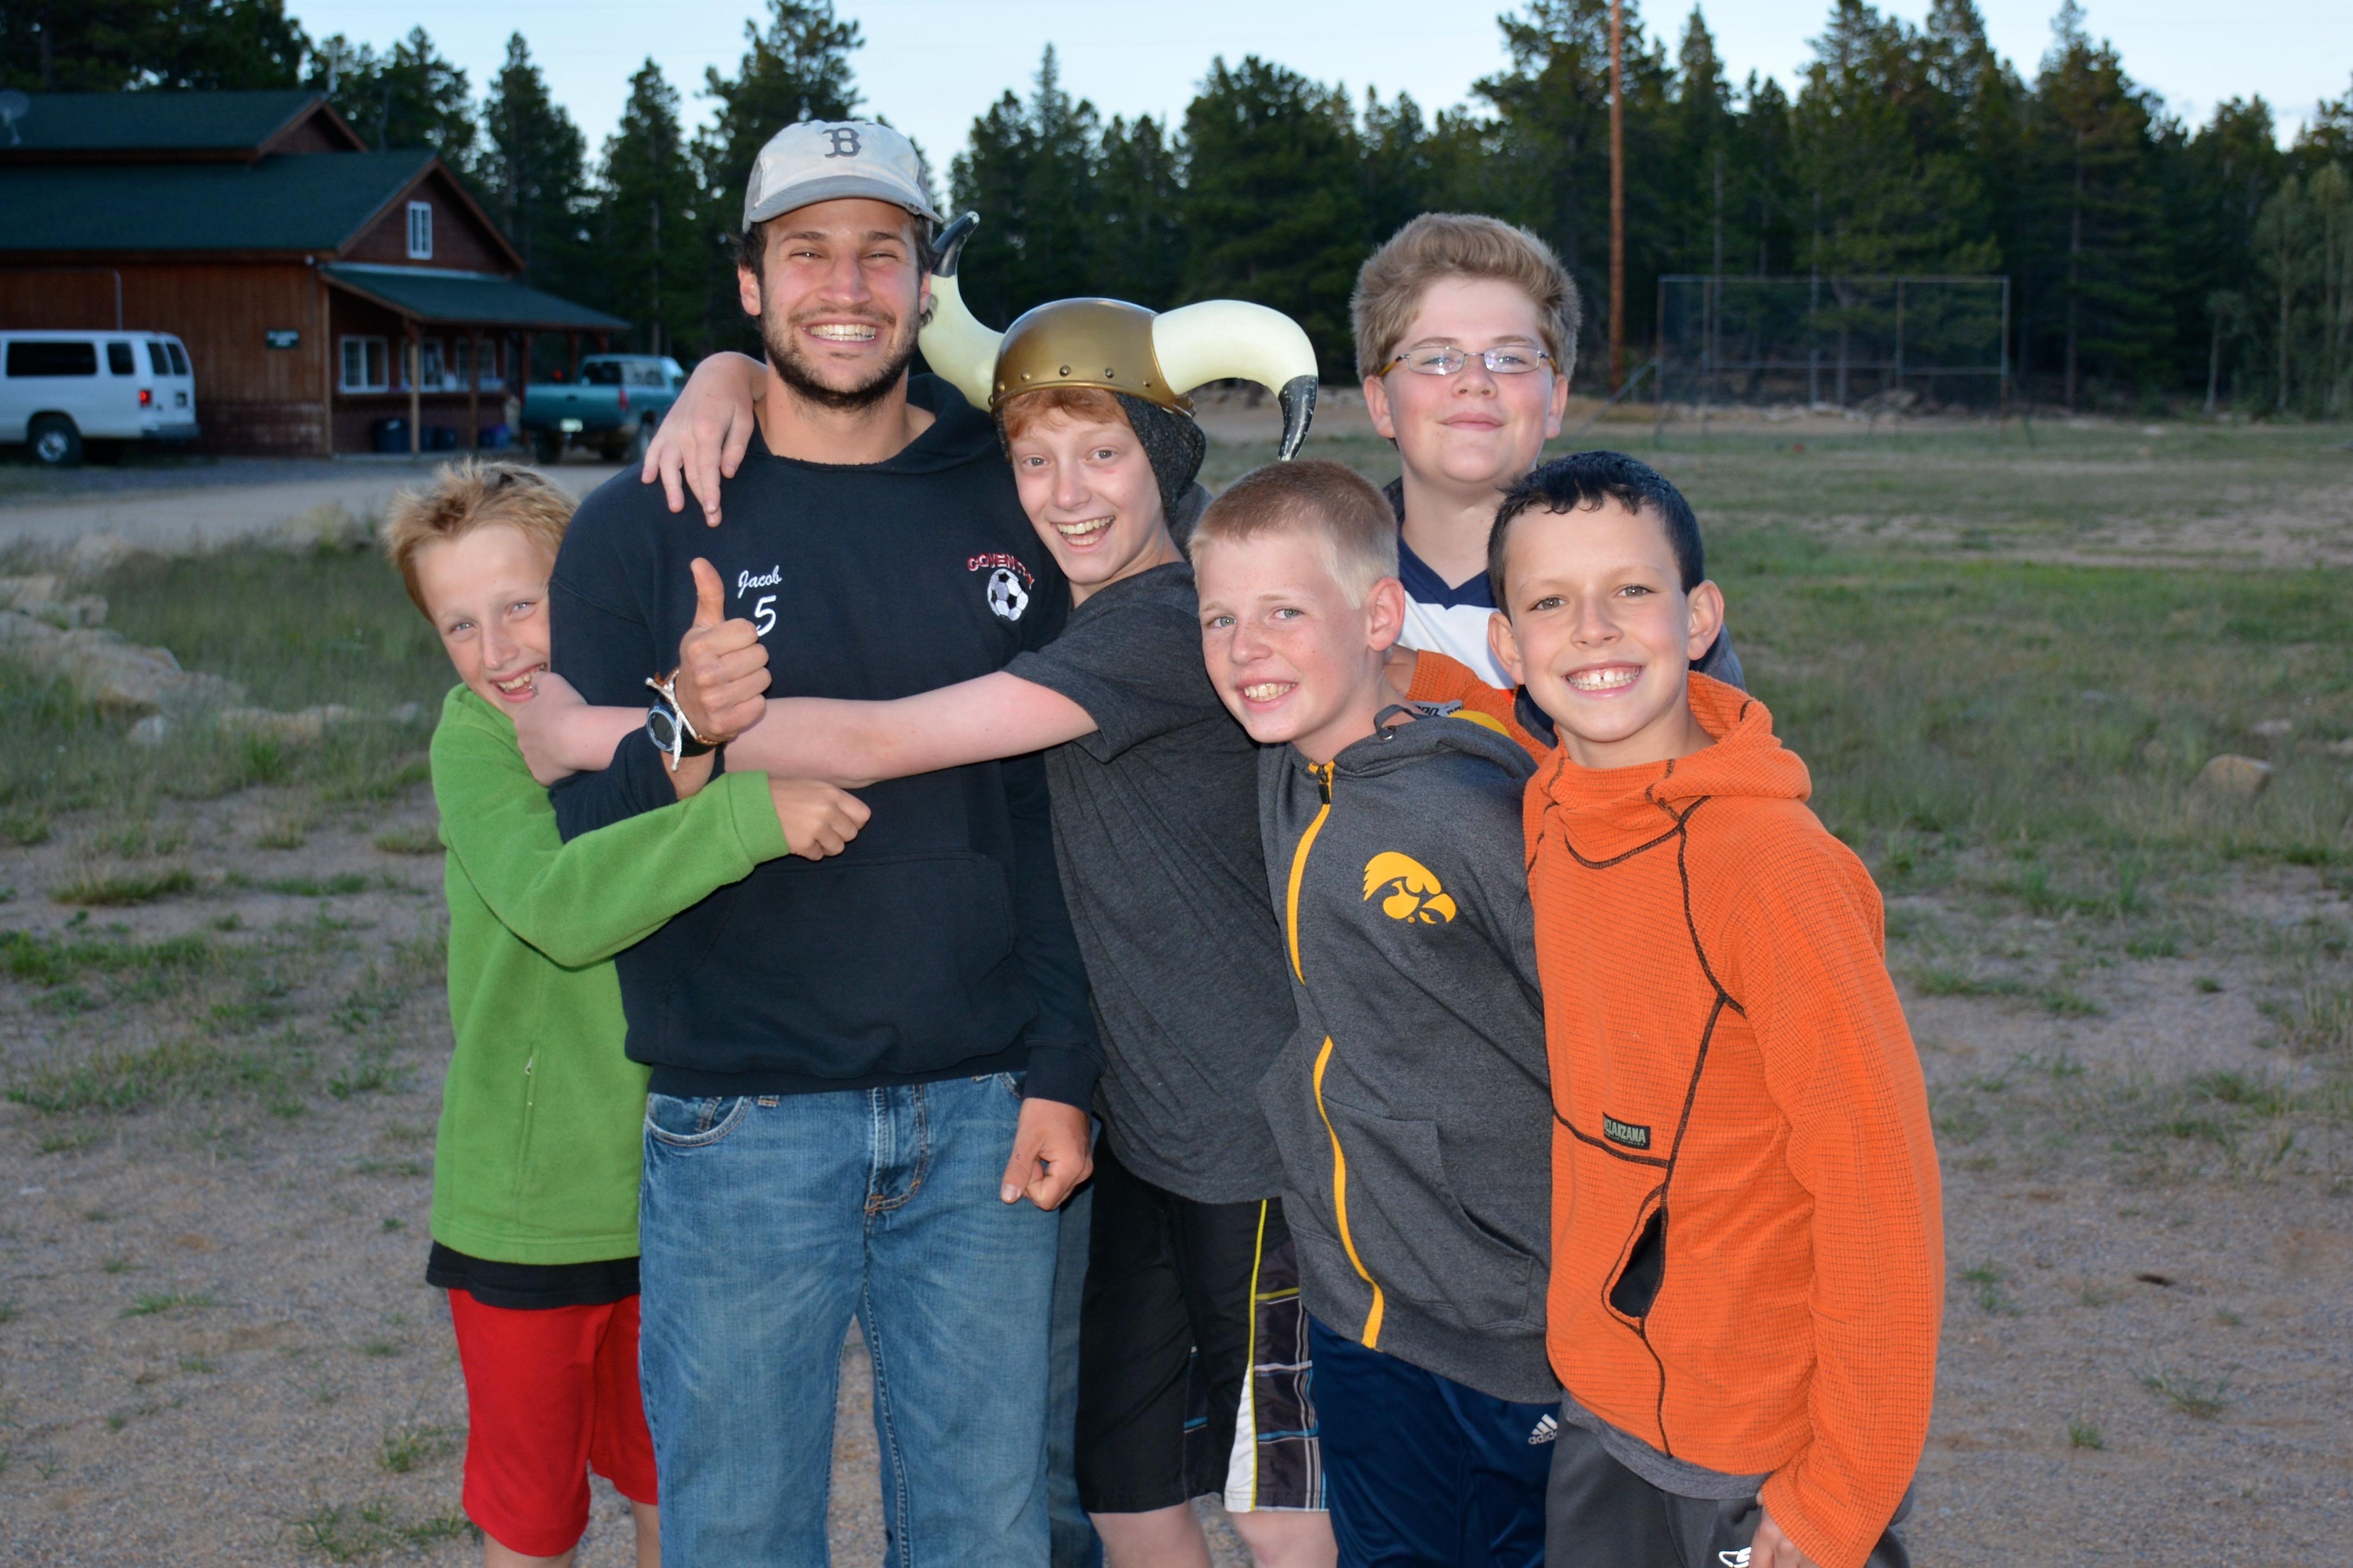 Image of campers having fun at Camp Granite Lake